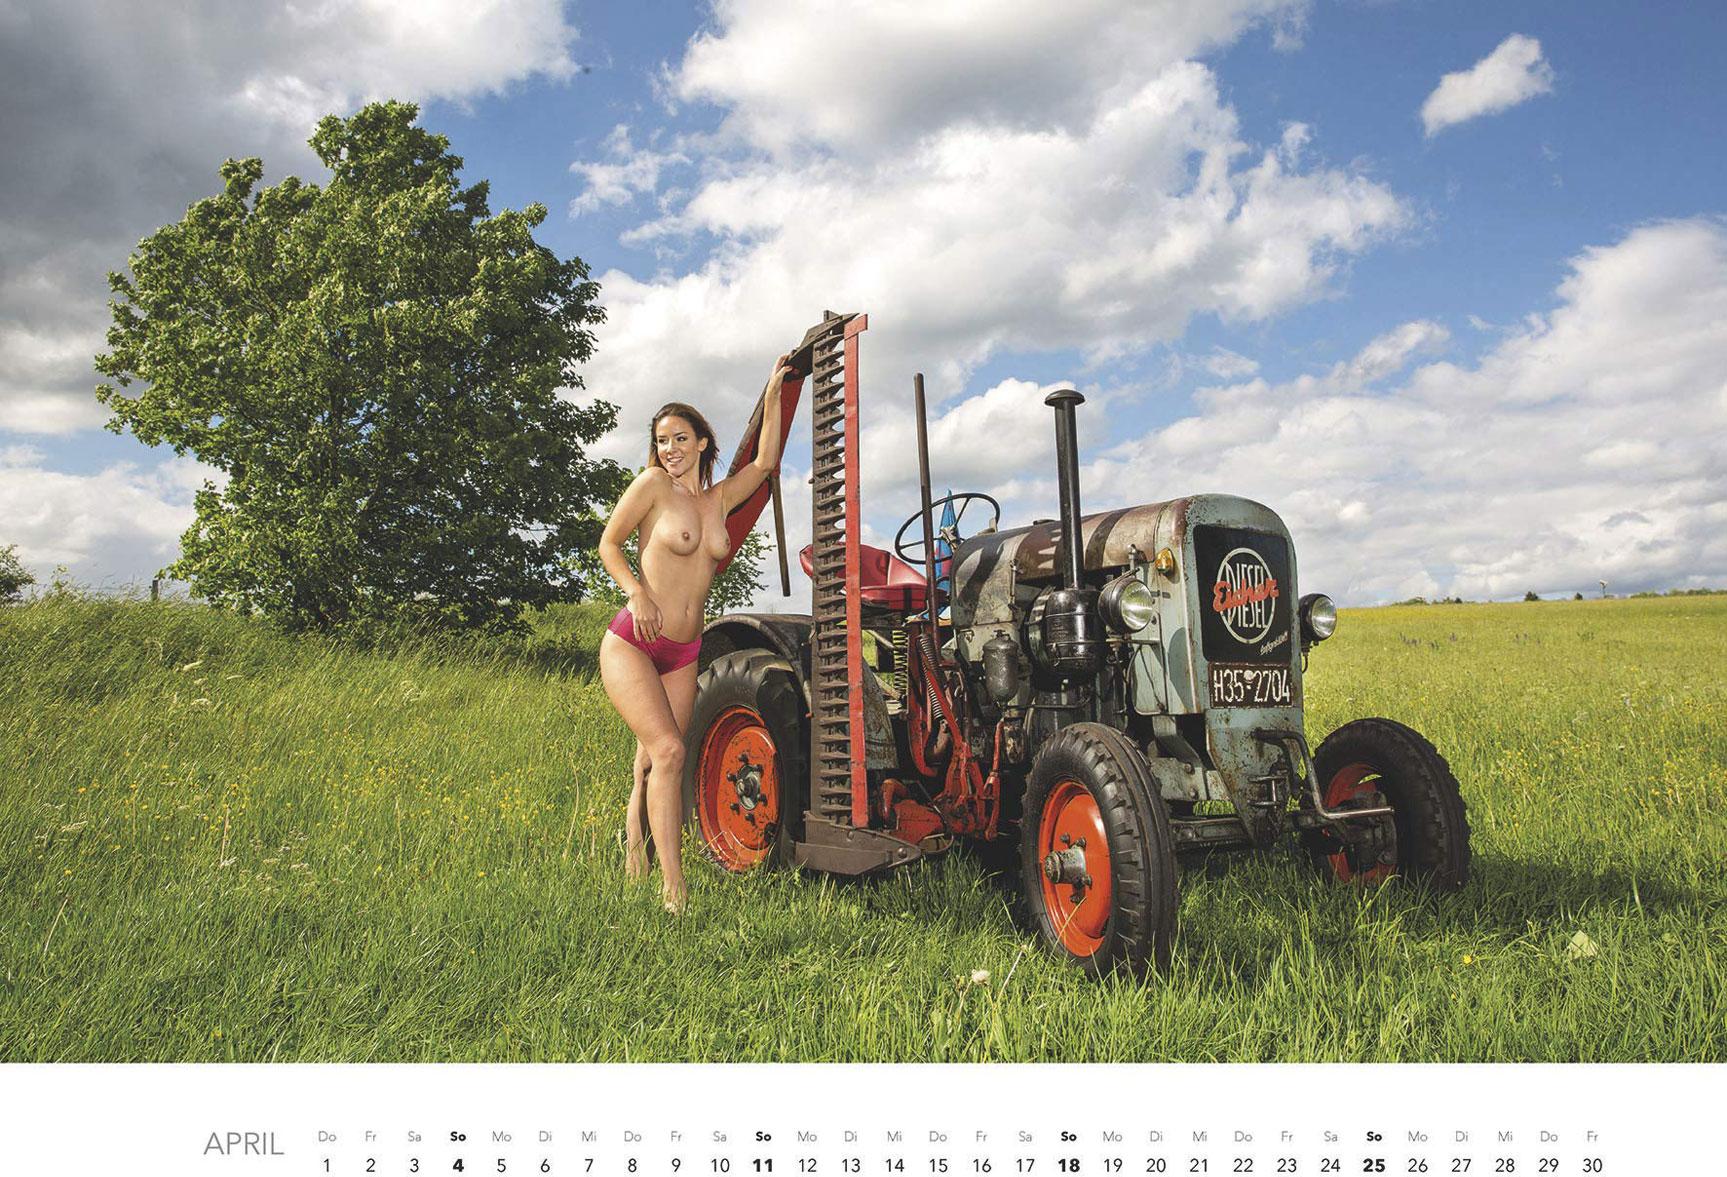 Эротический календарь -Мечты молодых фермеров 2021- / апрель